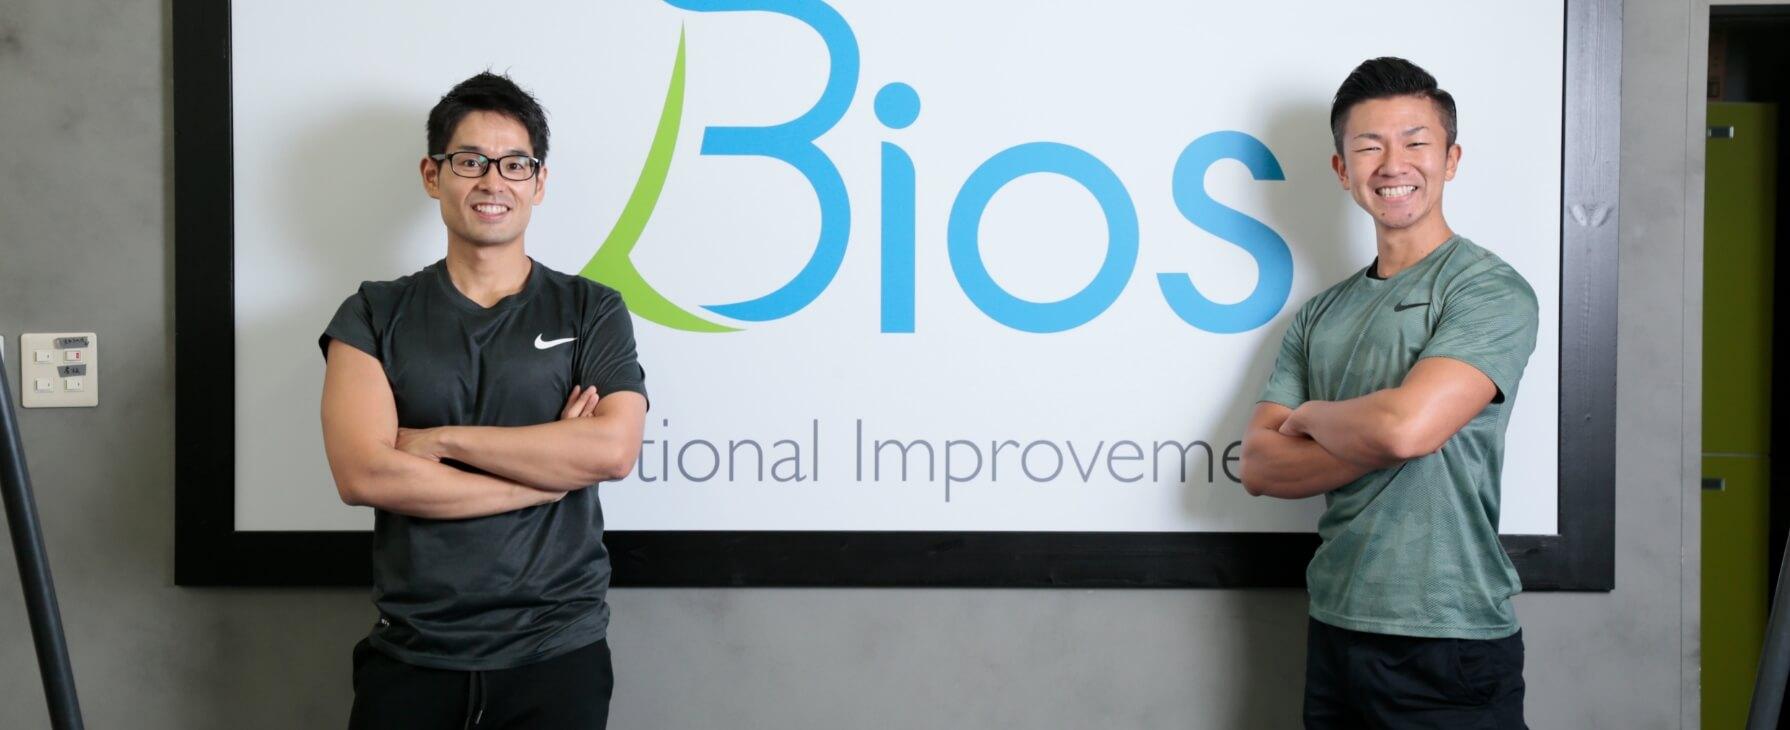 Bios 代表トレーナーの写真